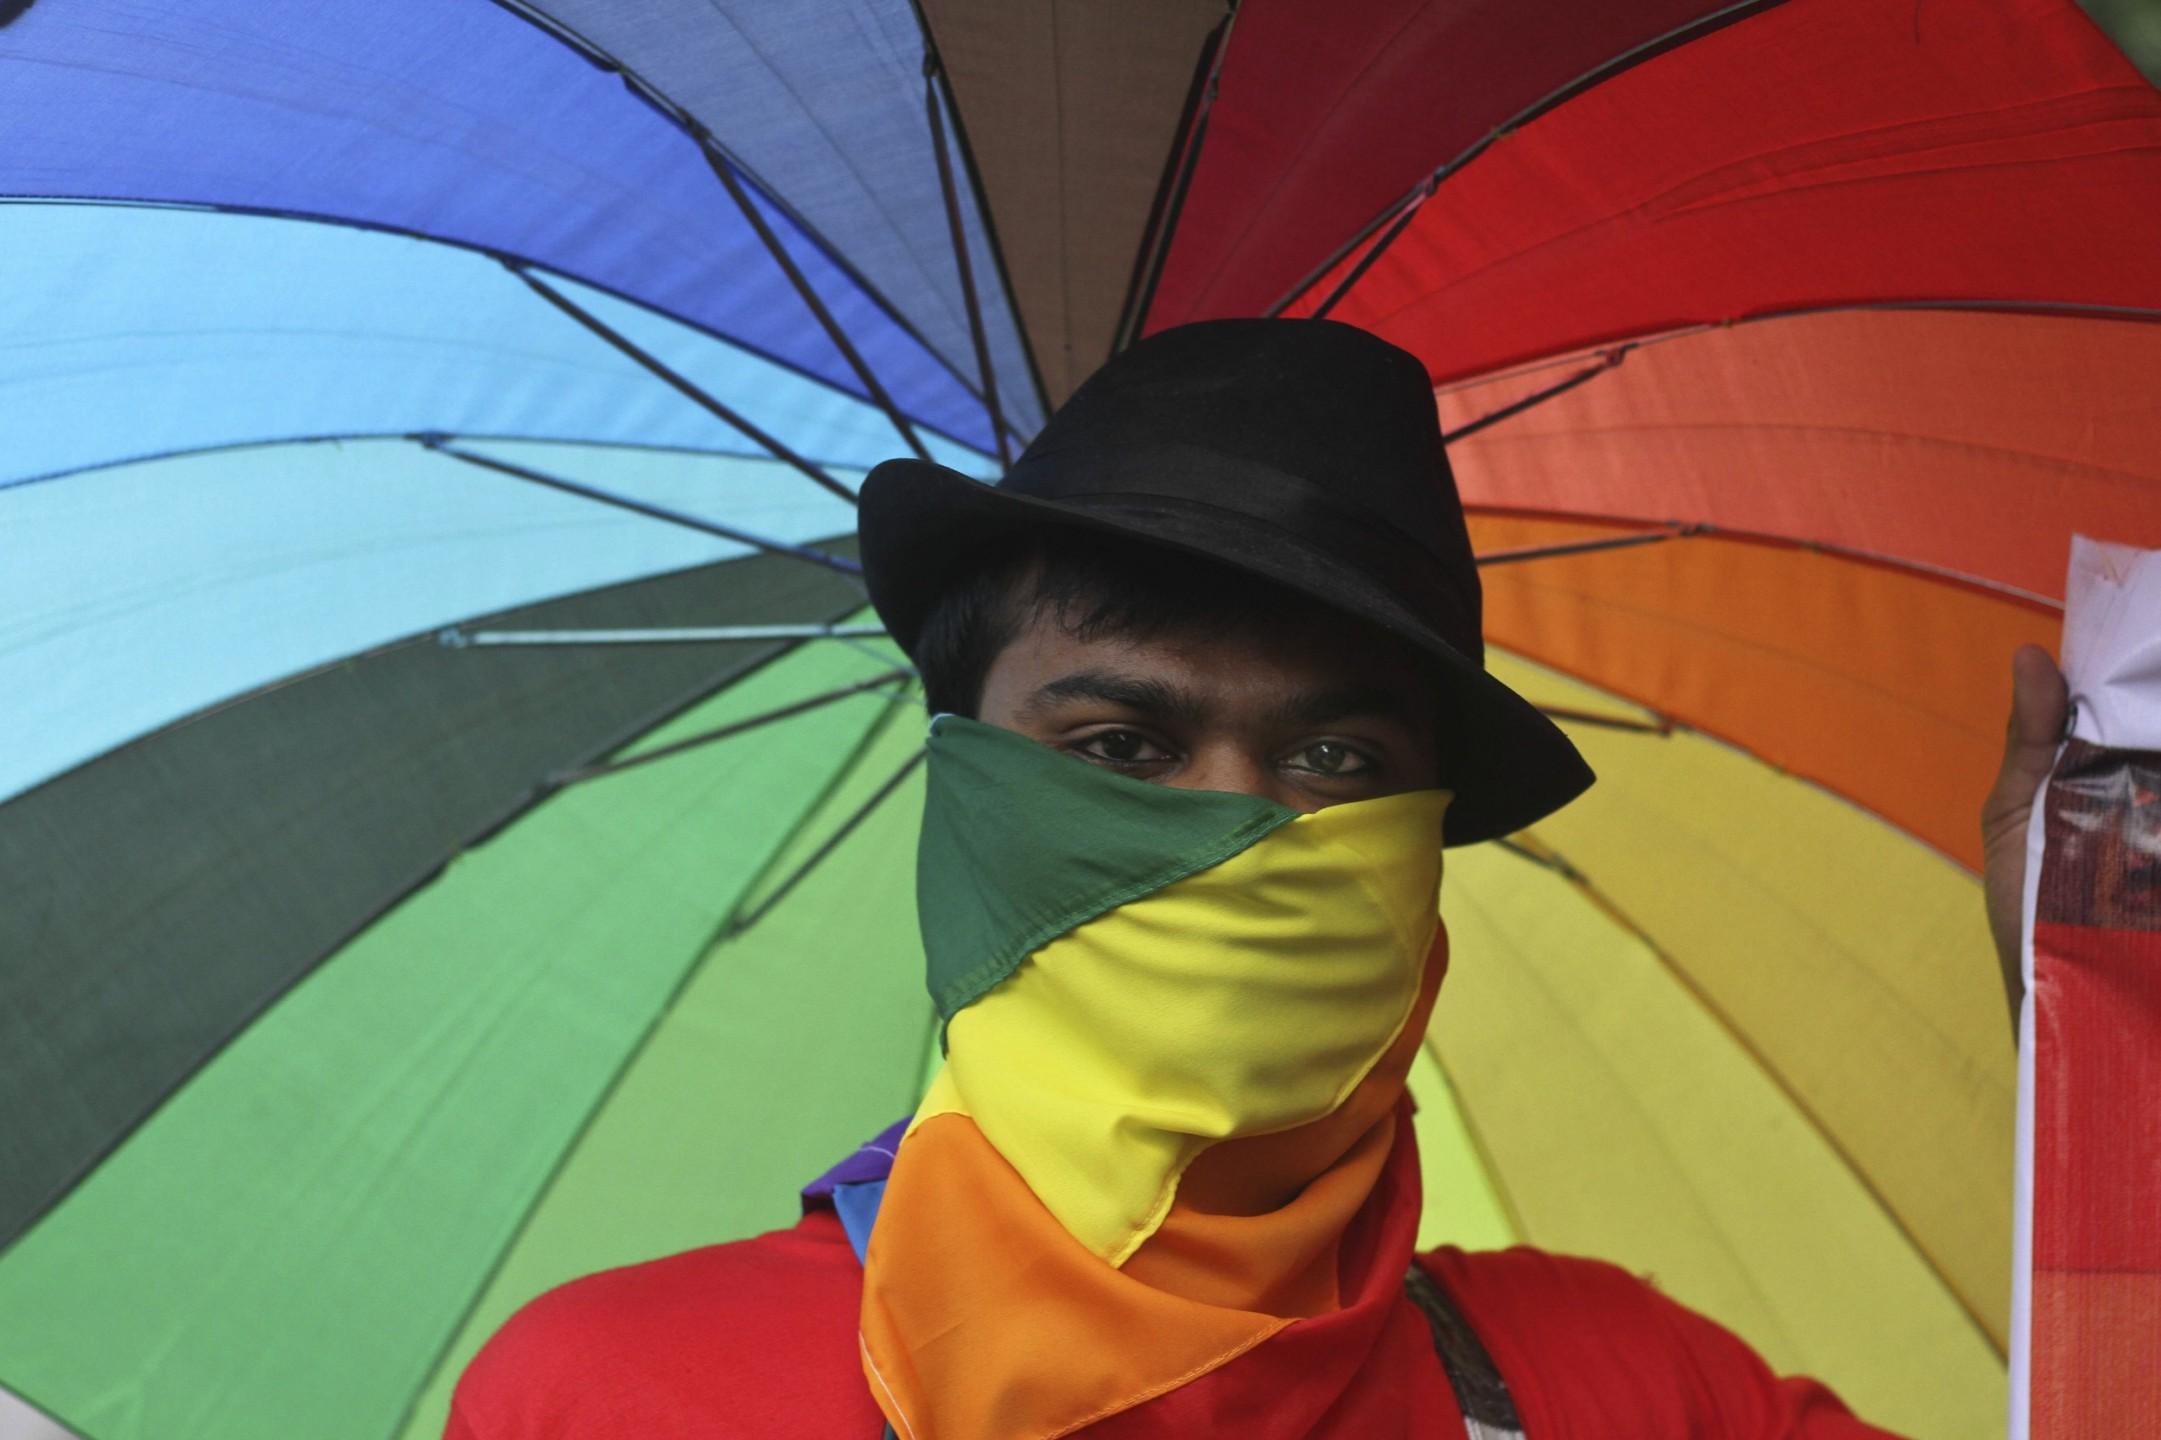 Gay GayPride homoseksueel seksuele vrijheid homo